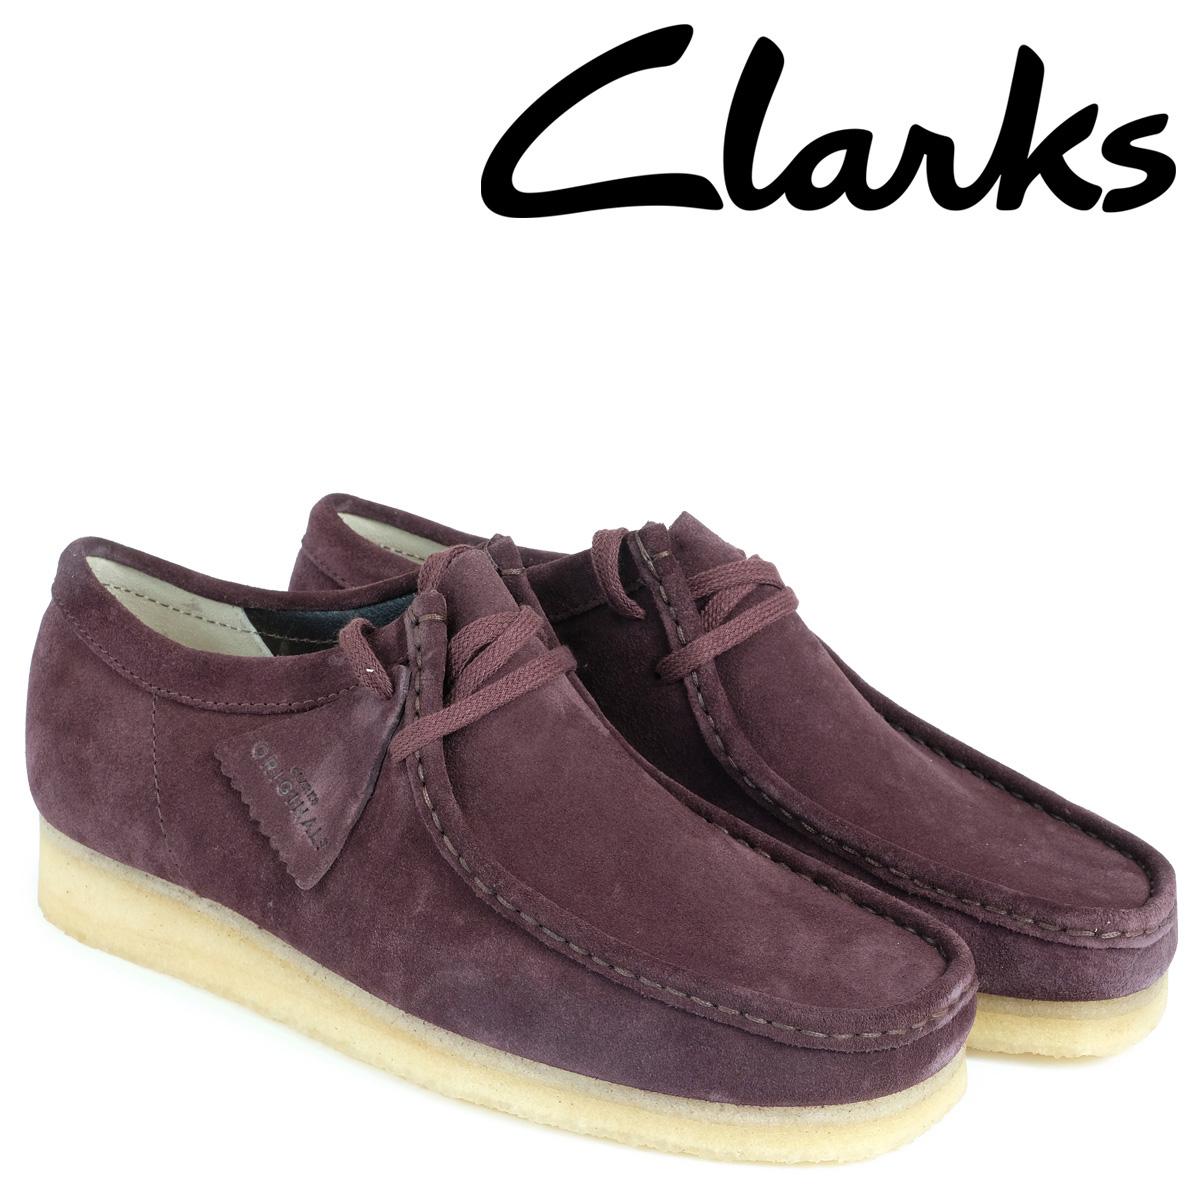 クラークス Clarks ワラビー ブーツ メンズ WALLABEE 26128510 バーガンディー